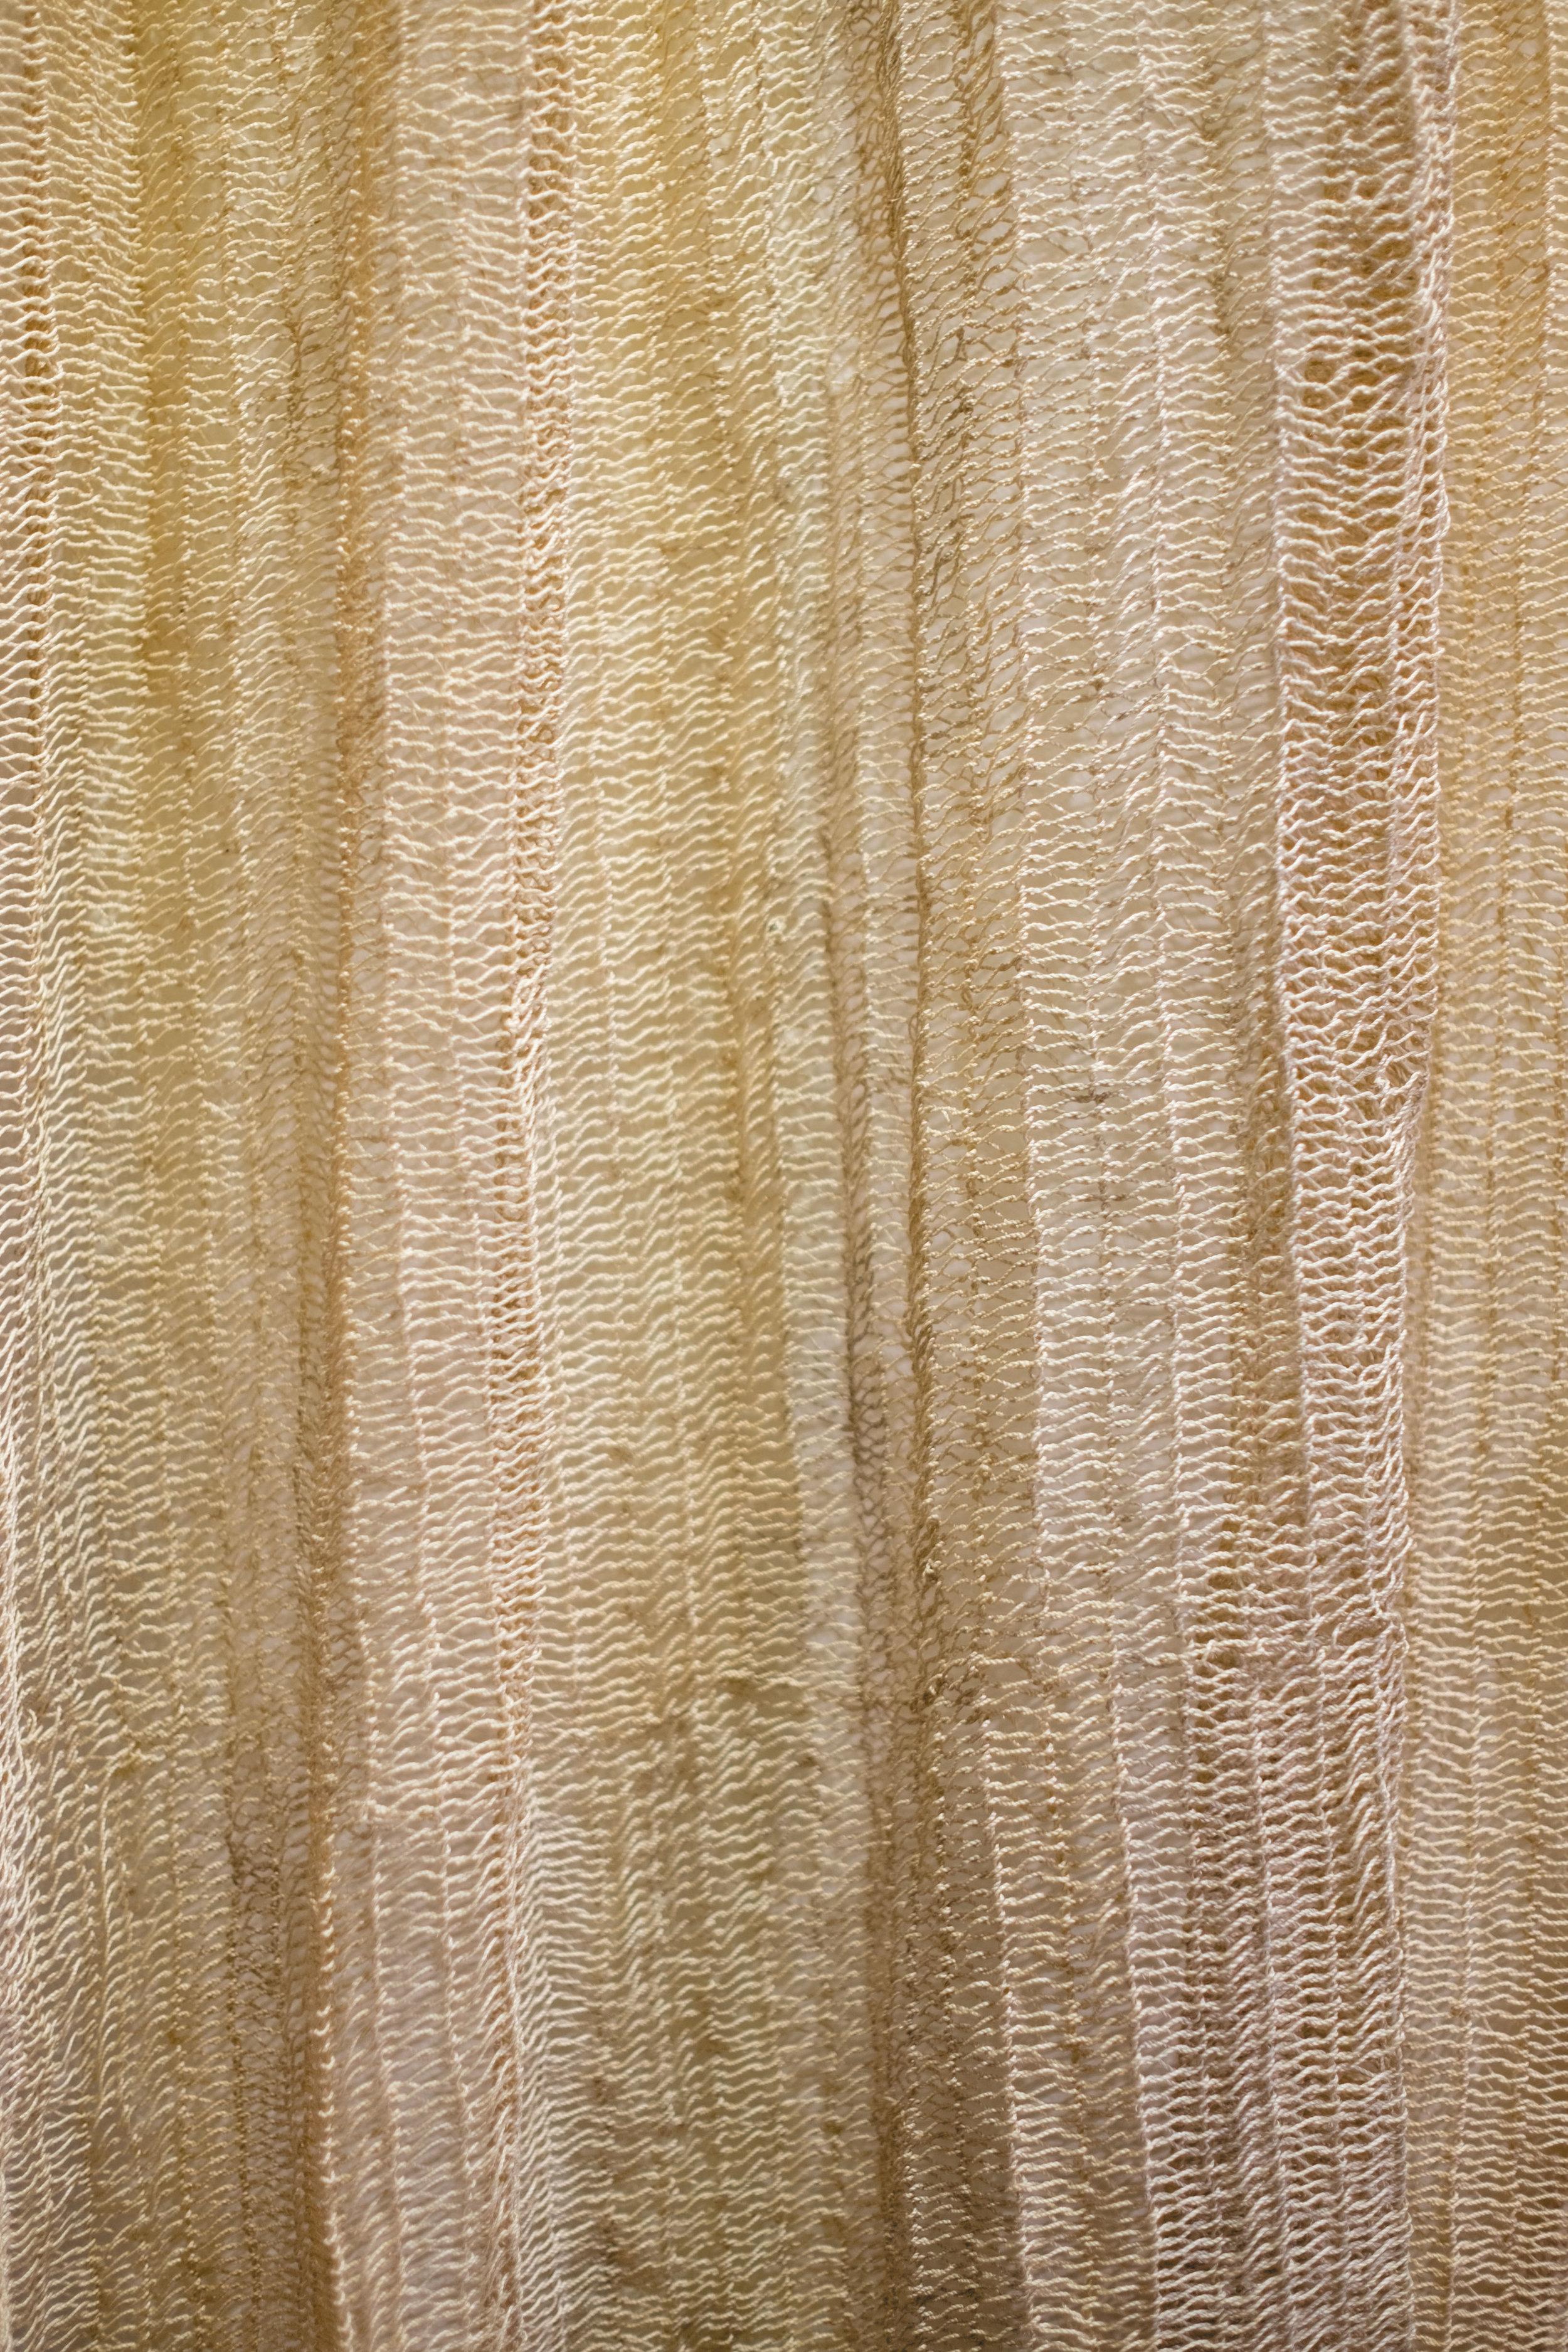 bilum loose weave close curtain wall.jpg